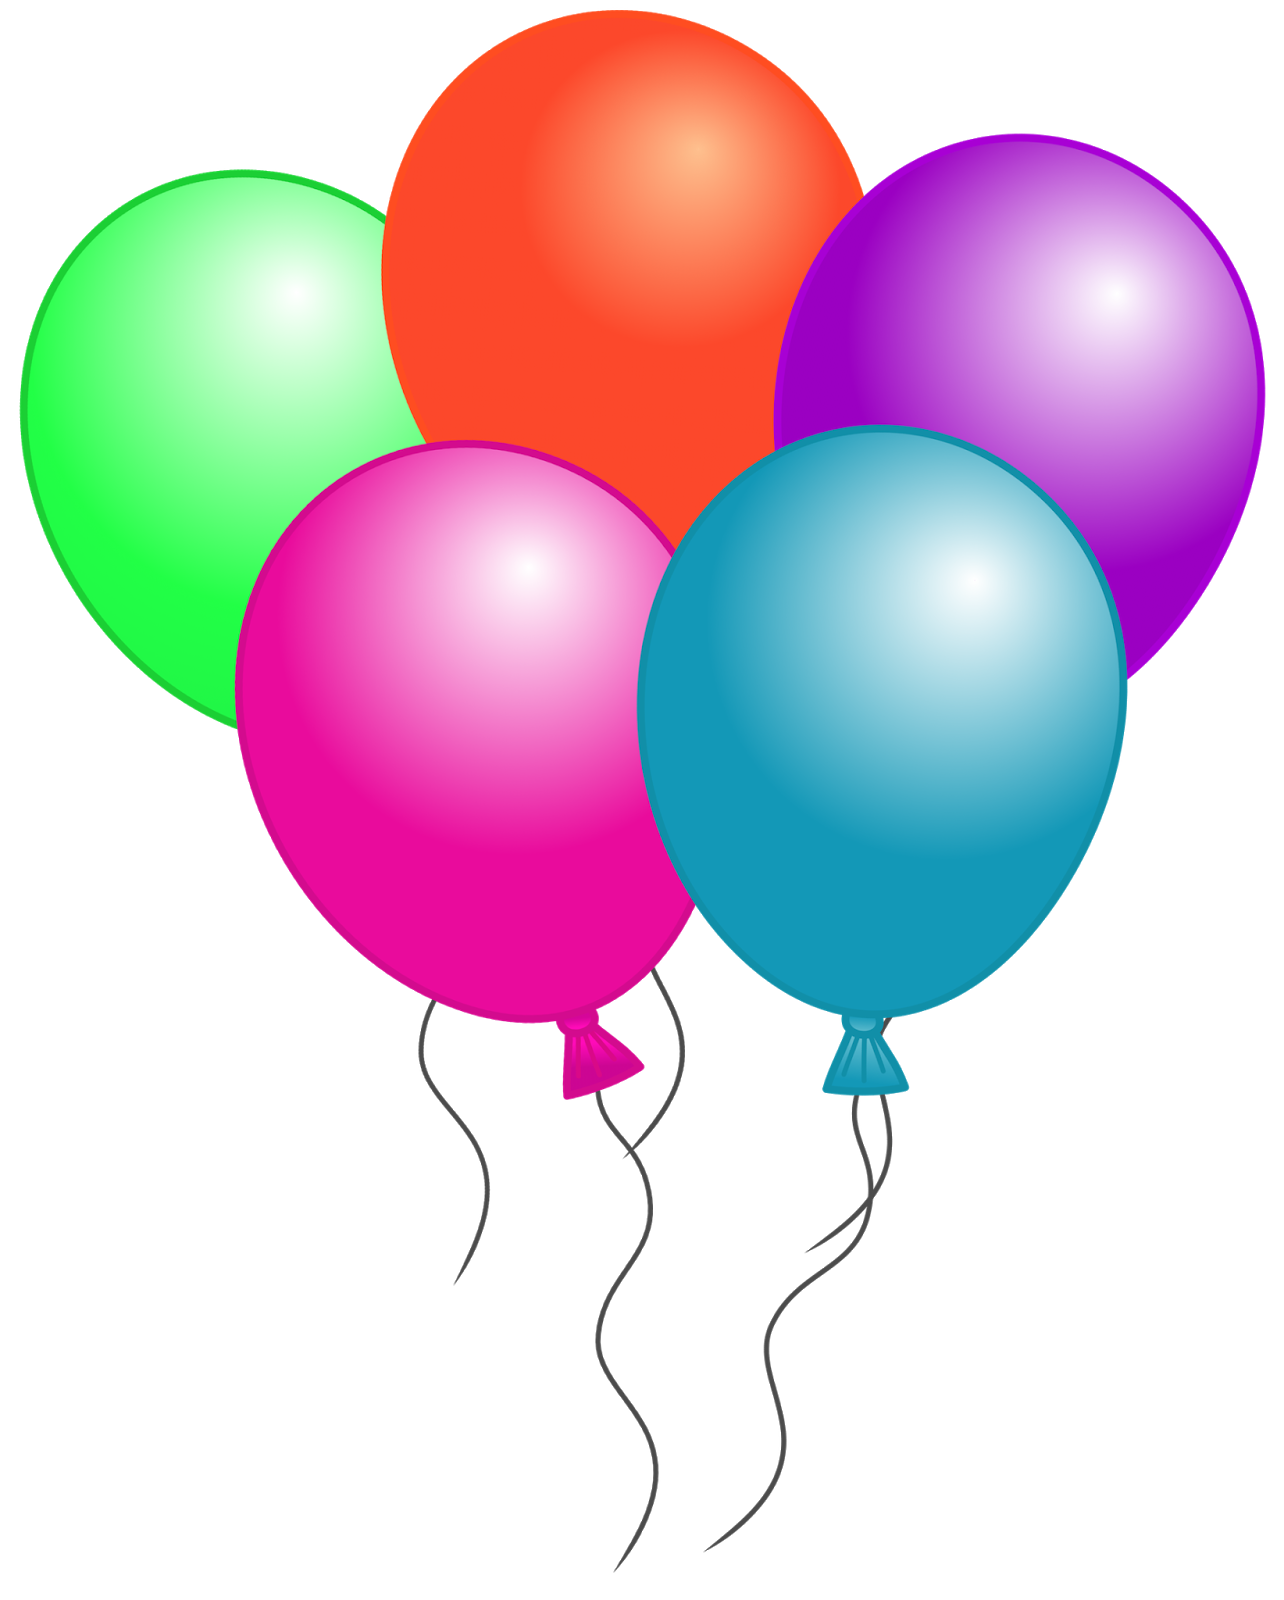 Balloon clipart Panda Art Balloon Balloon%20Clip%20Art Free